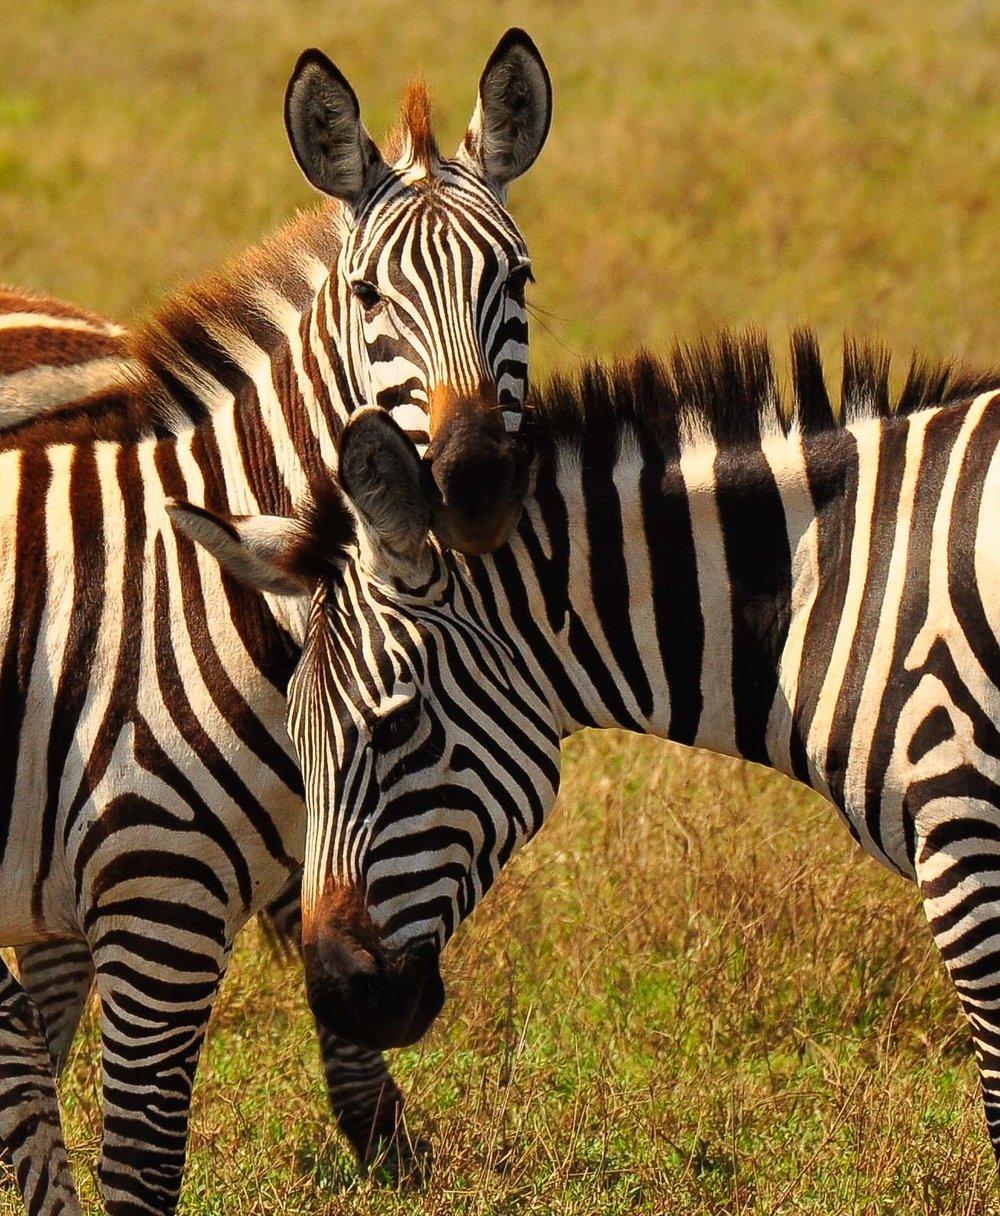 Serengeti, Tanzania, Africa 2009